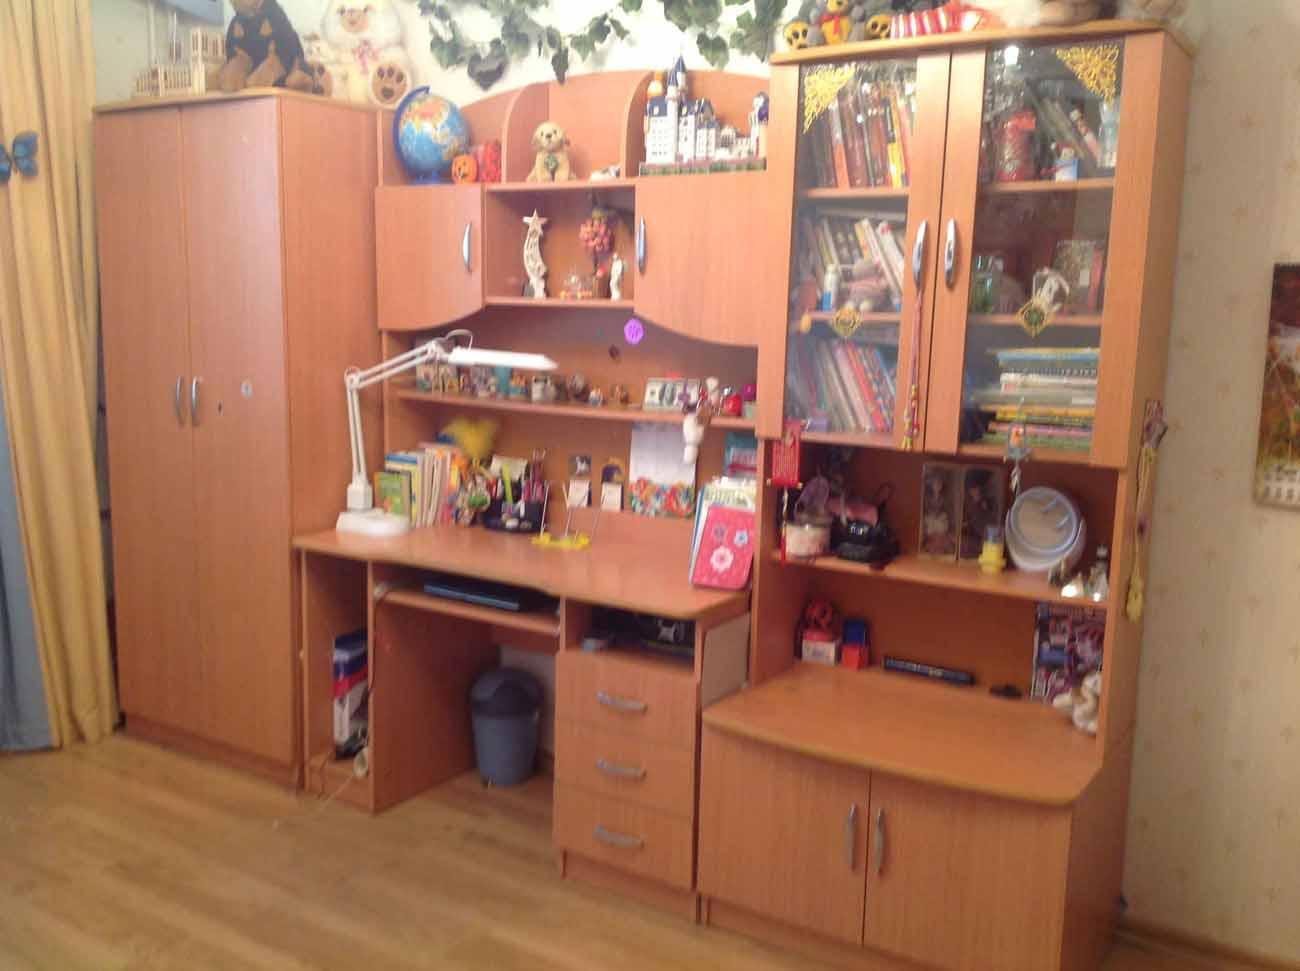 Продам стенку с компьютерным столом chance.ru - все объявлен.